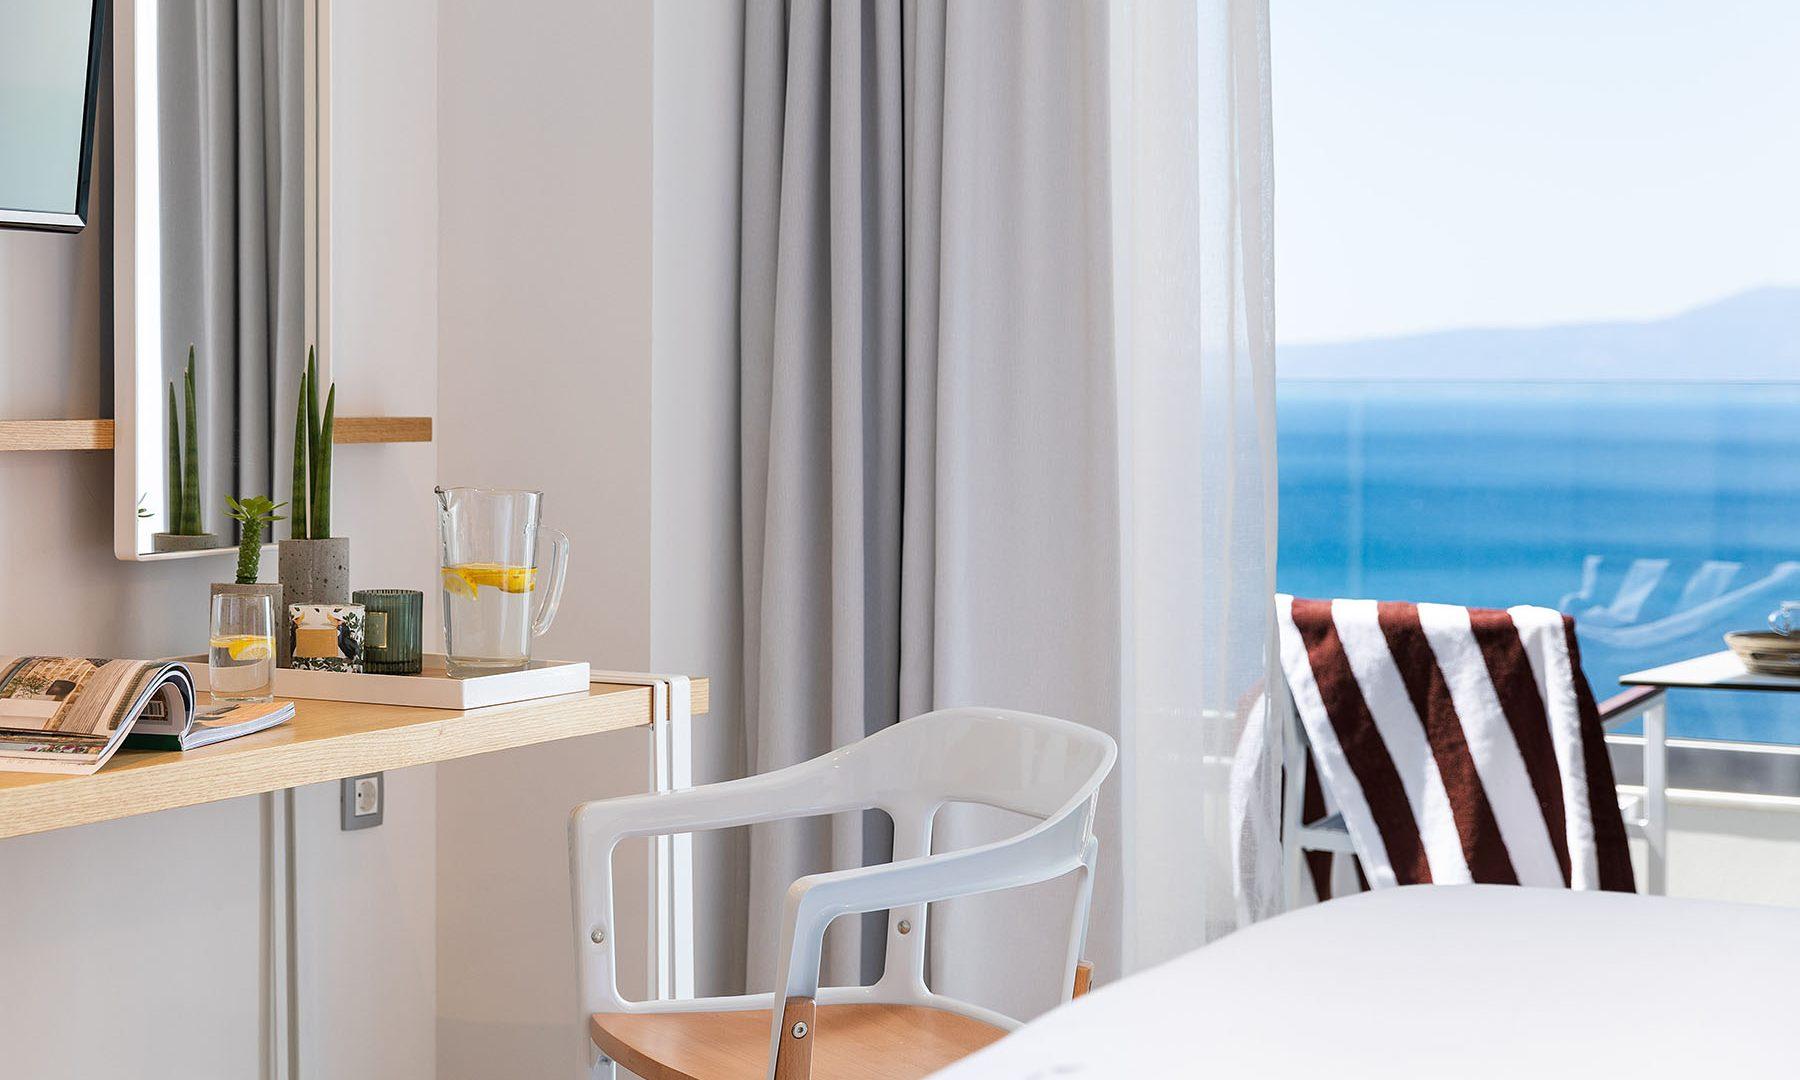 δωματια καλαματα- Messinian Icon Hotel